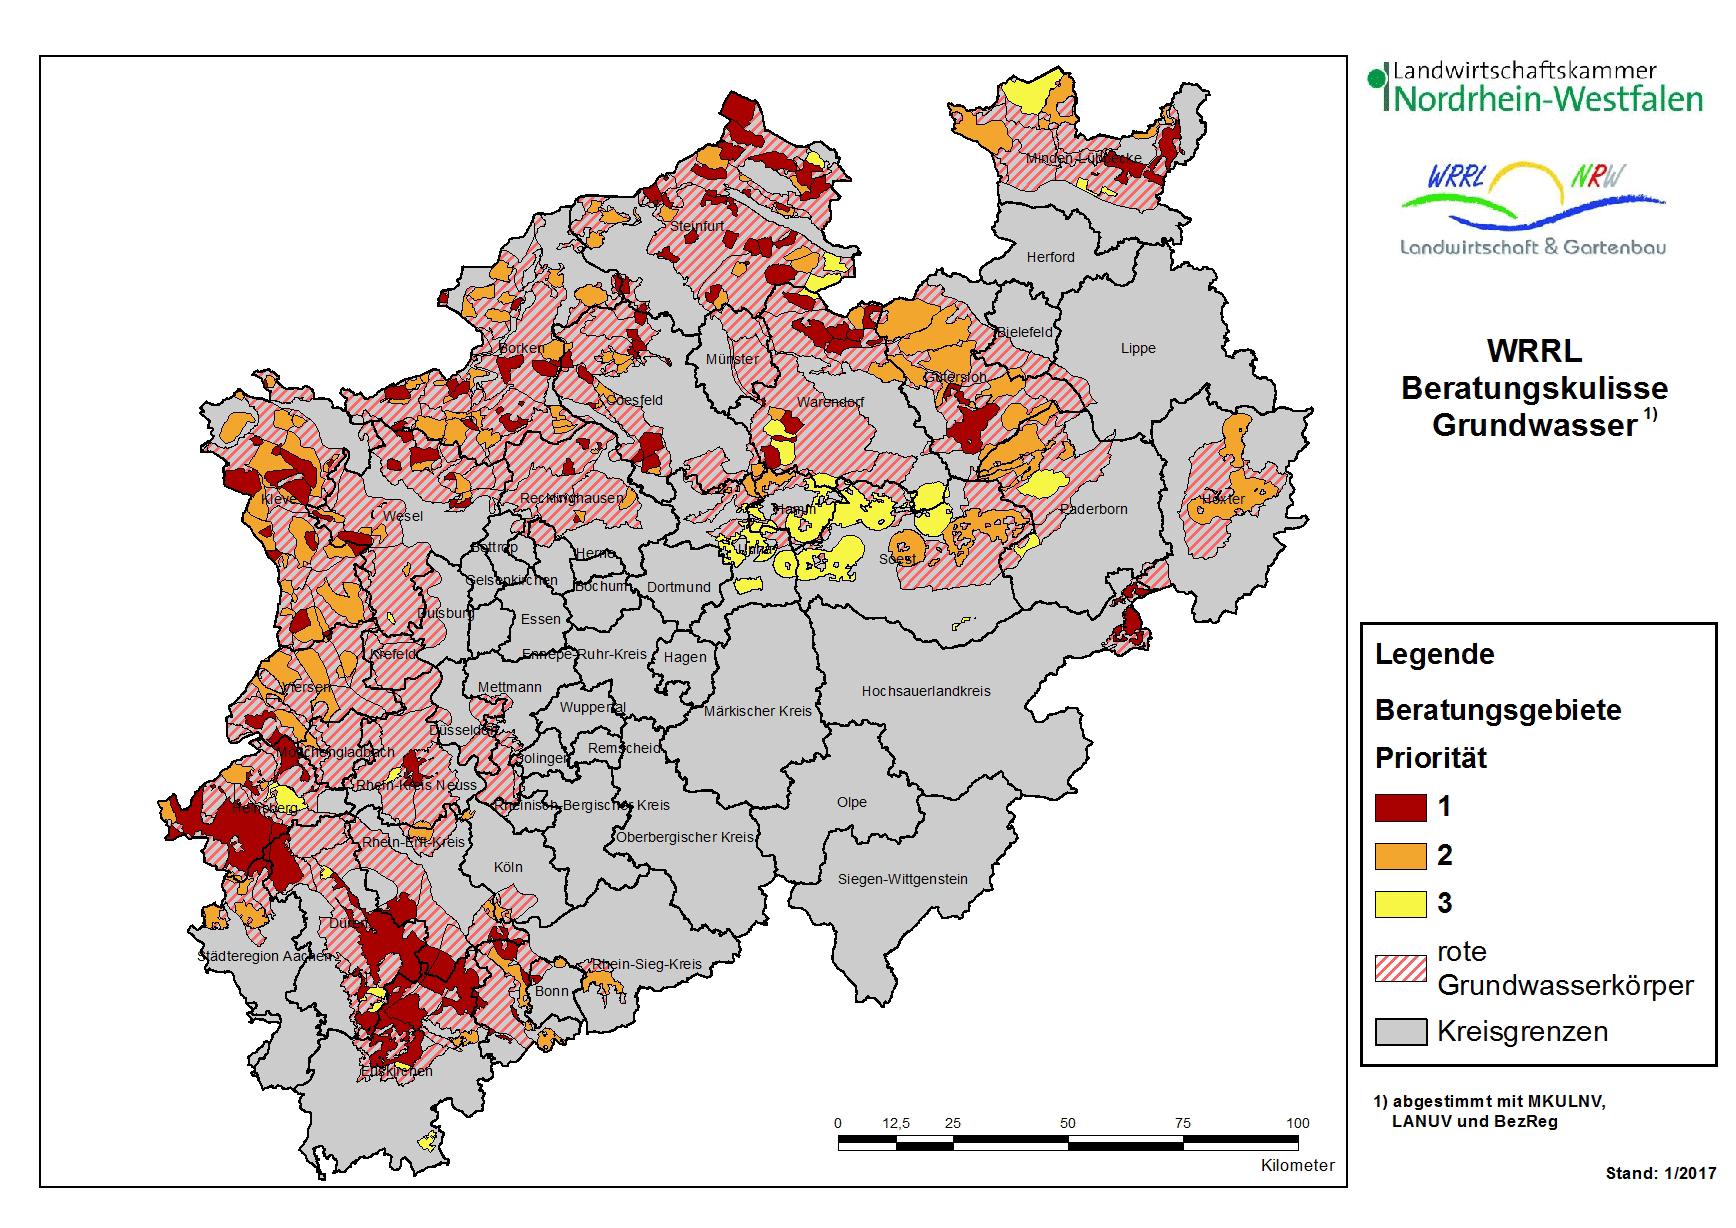 Nordrhein Westfalen Karte.Grundwasser Landwirtschaftskammer Nordrhein Westfalen